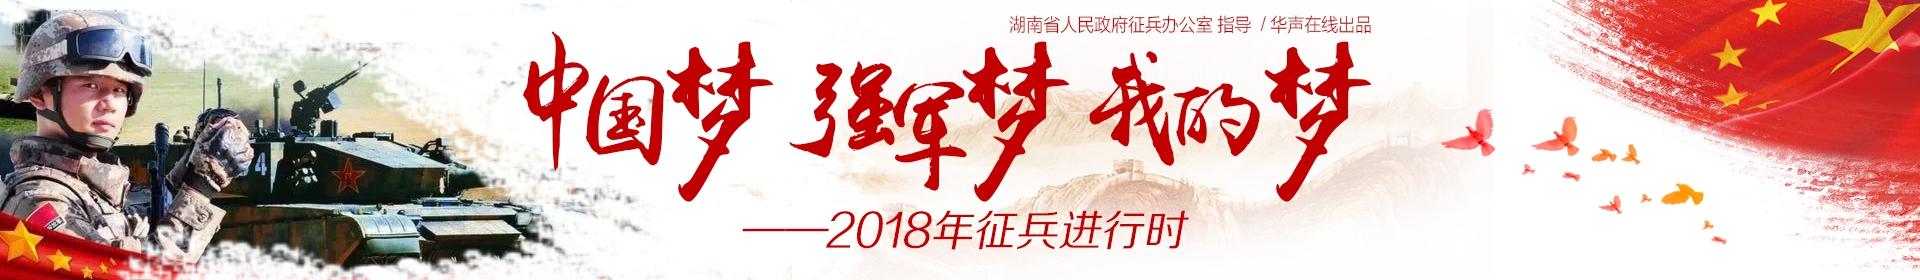 中国梦 强军梦 我的梦——2018年征兵进行时